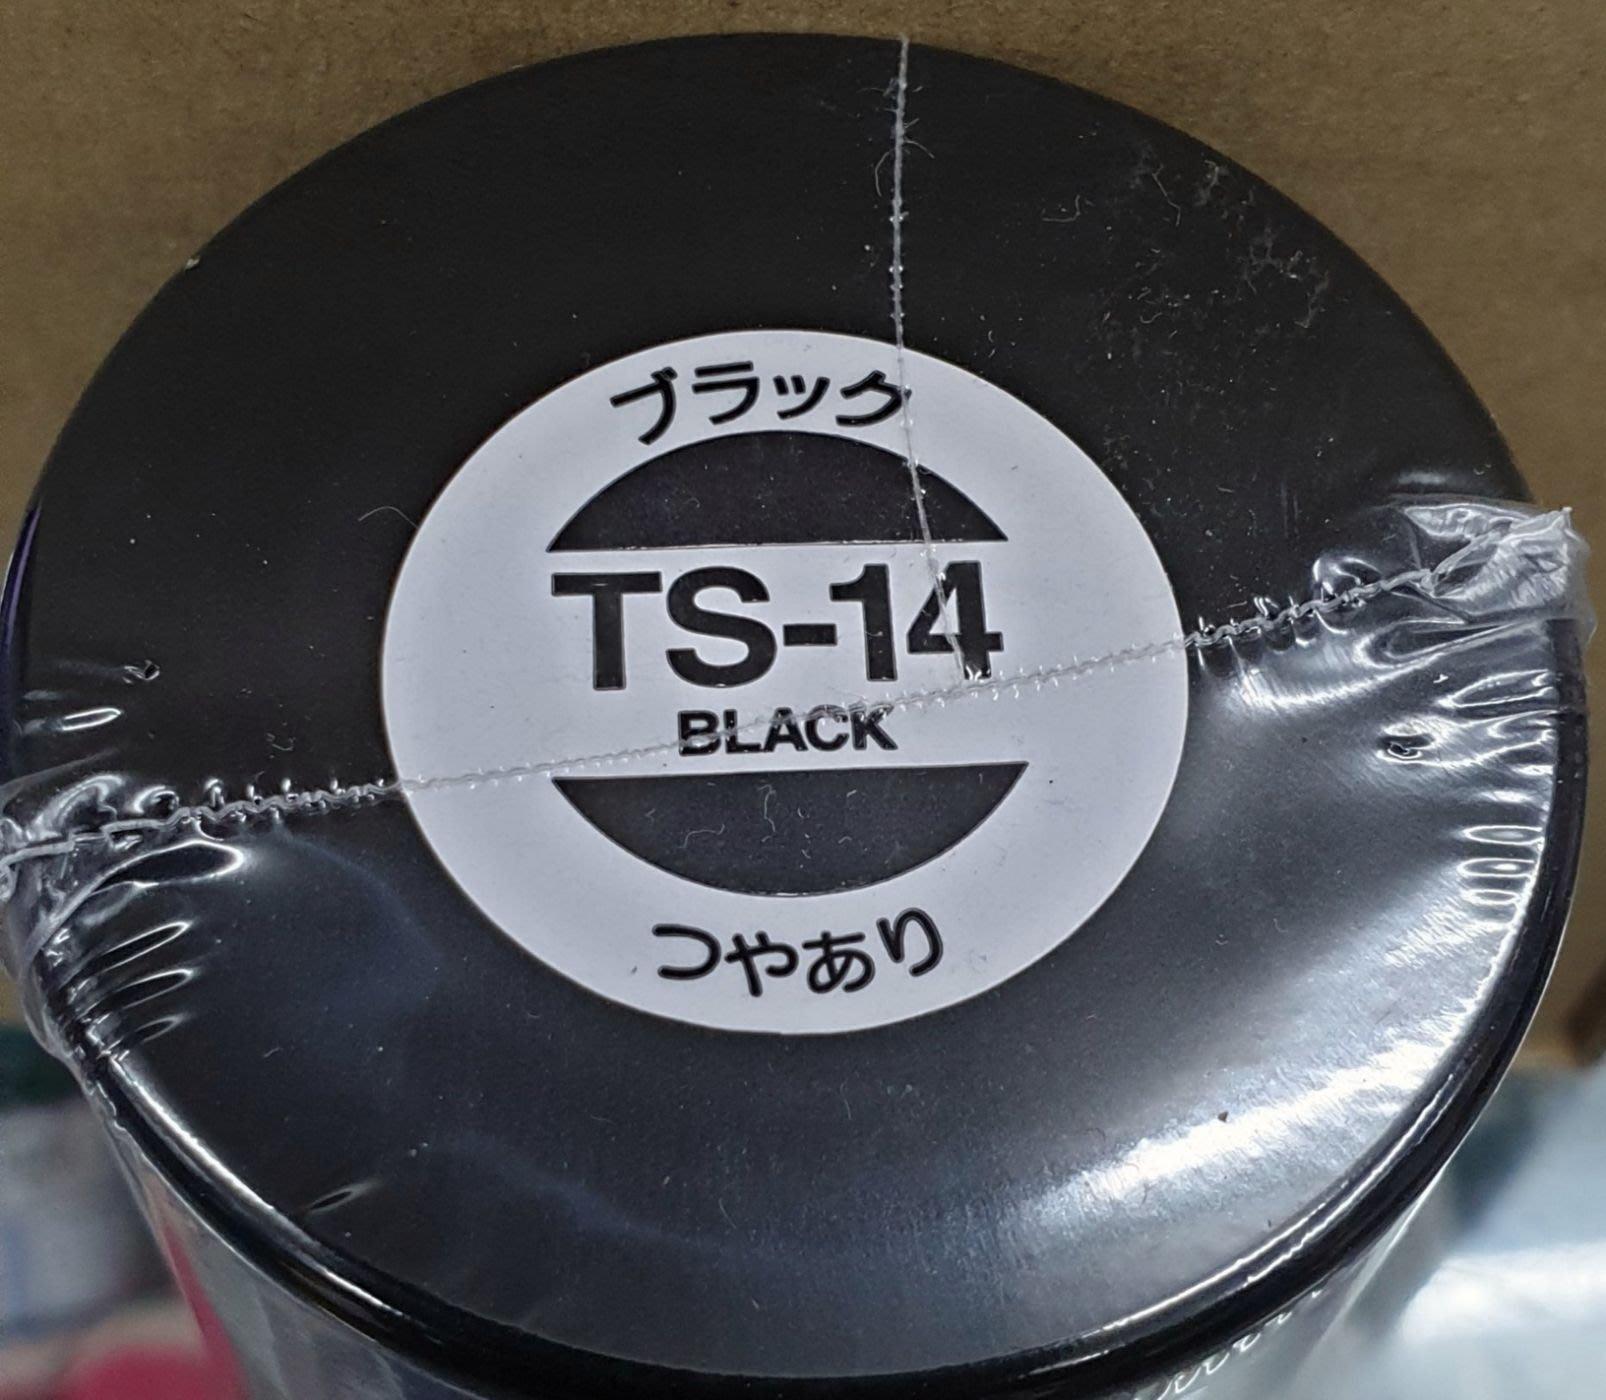 【鄭姐的店】日本 TAMIYA 模型專用噴漆 TS-14 黑色